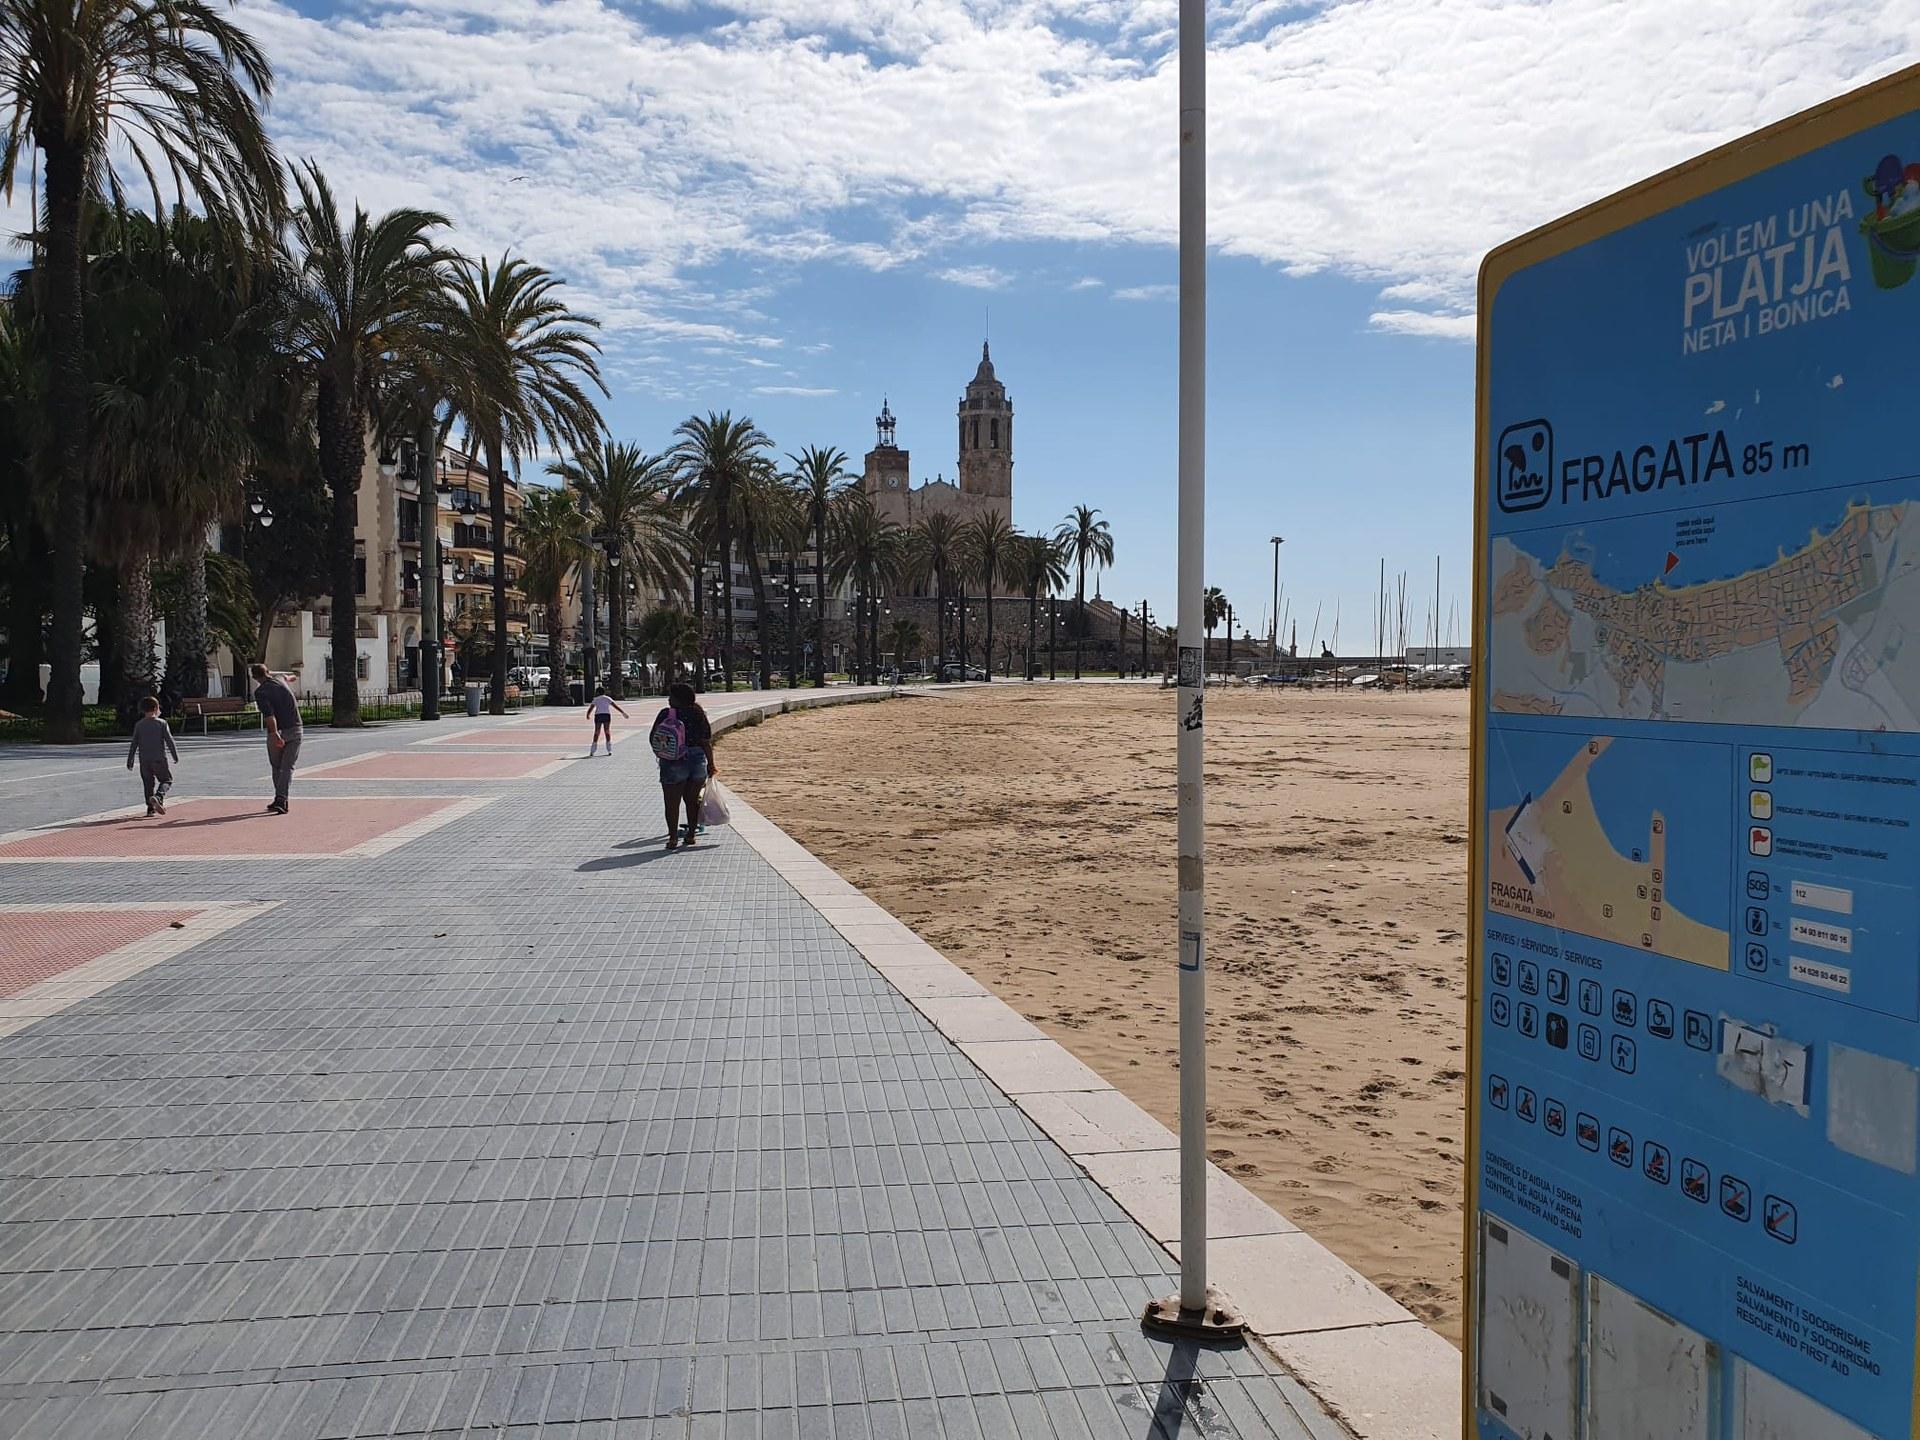 La regidoria de Turisme de Sitges preguntarà l'opinió als residents de la Fragata i el Passeig de la Ribera sobre l'activitat turística